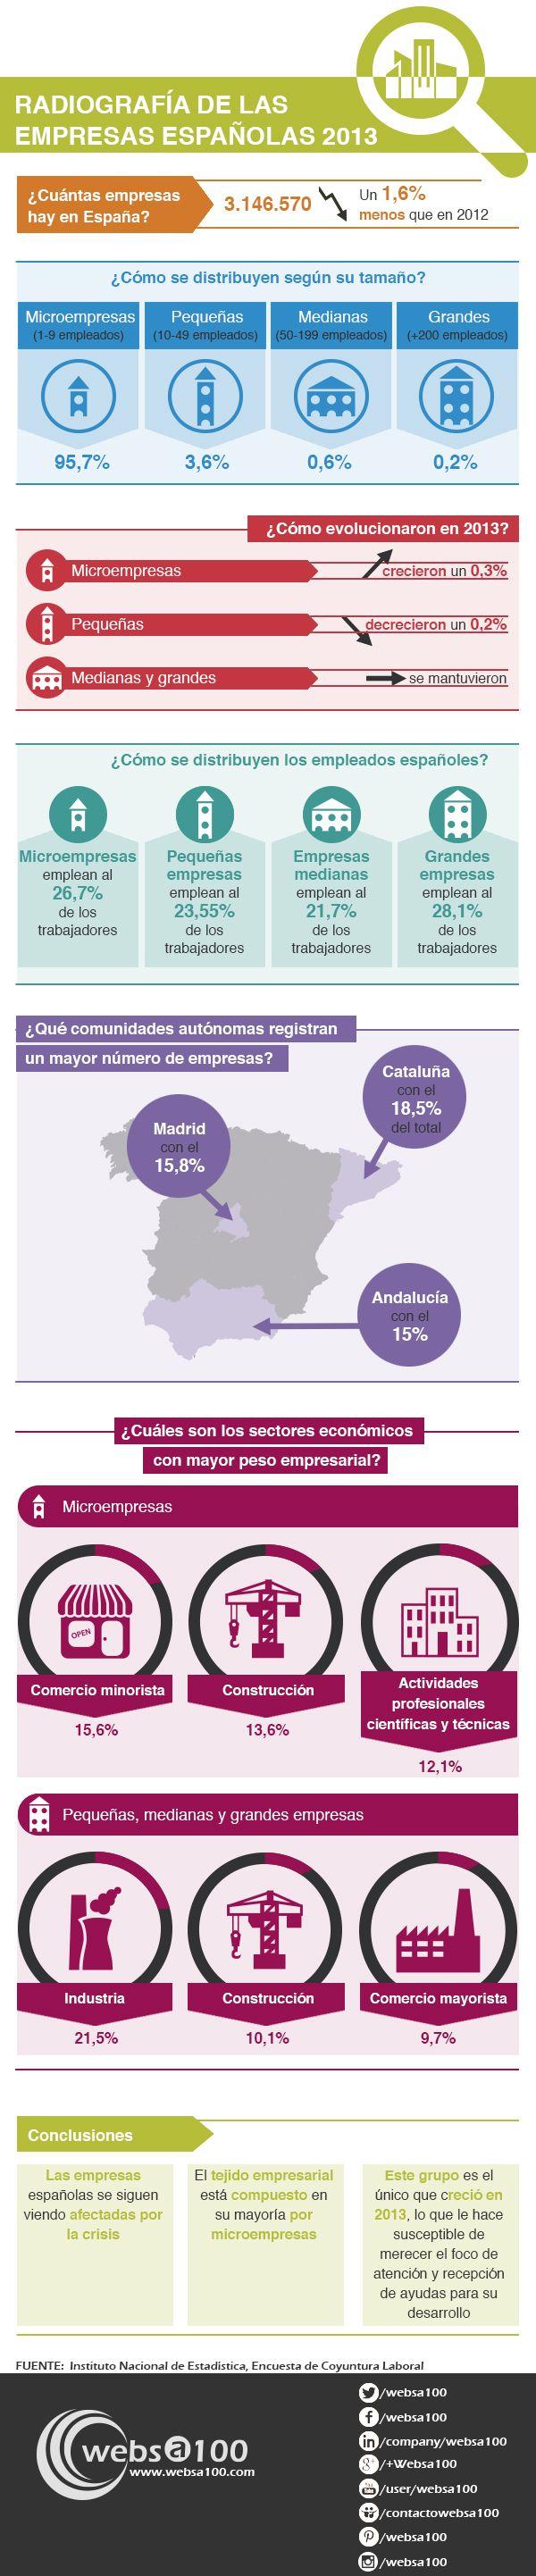 Situación de las empresas españolas en 2014